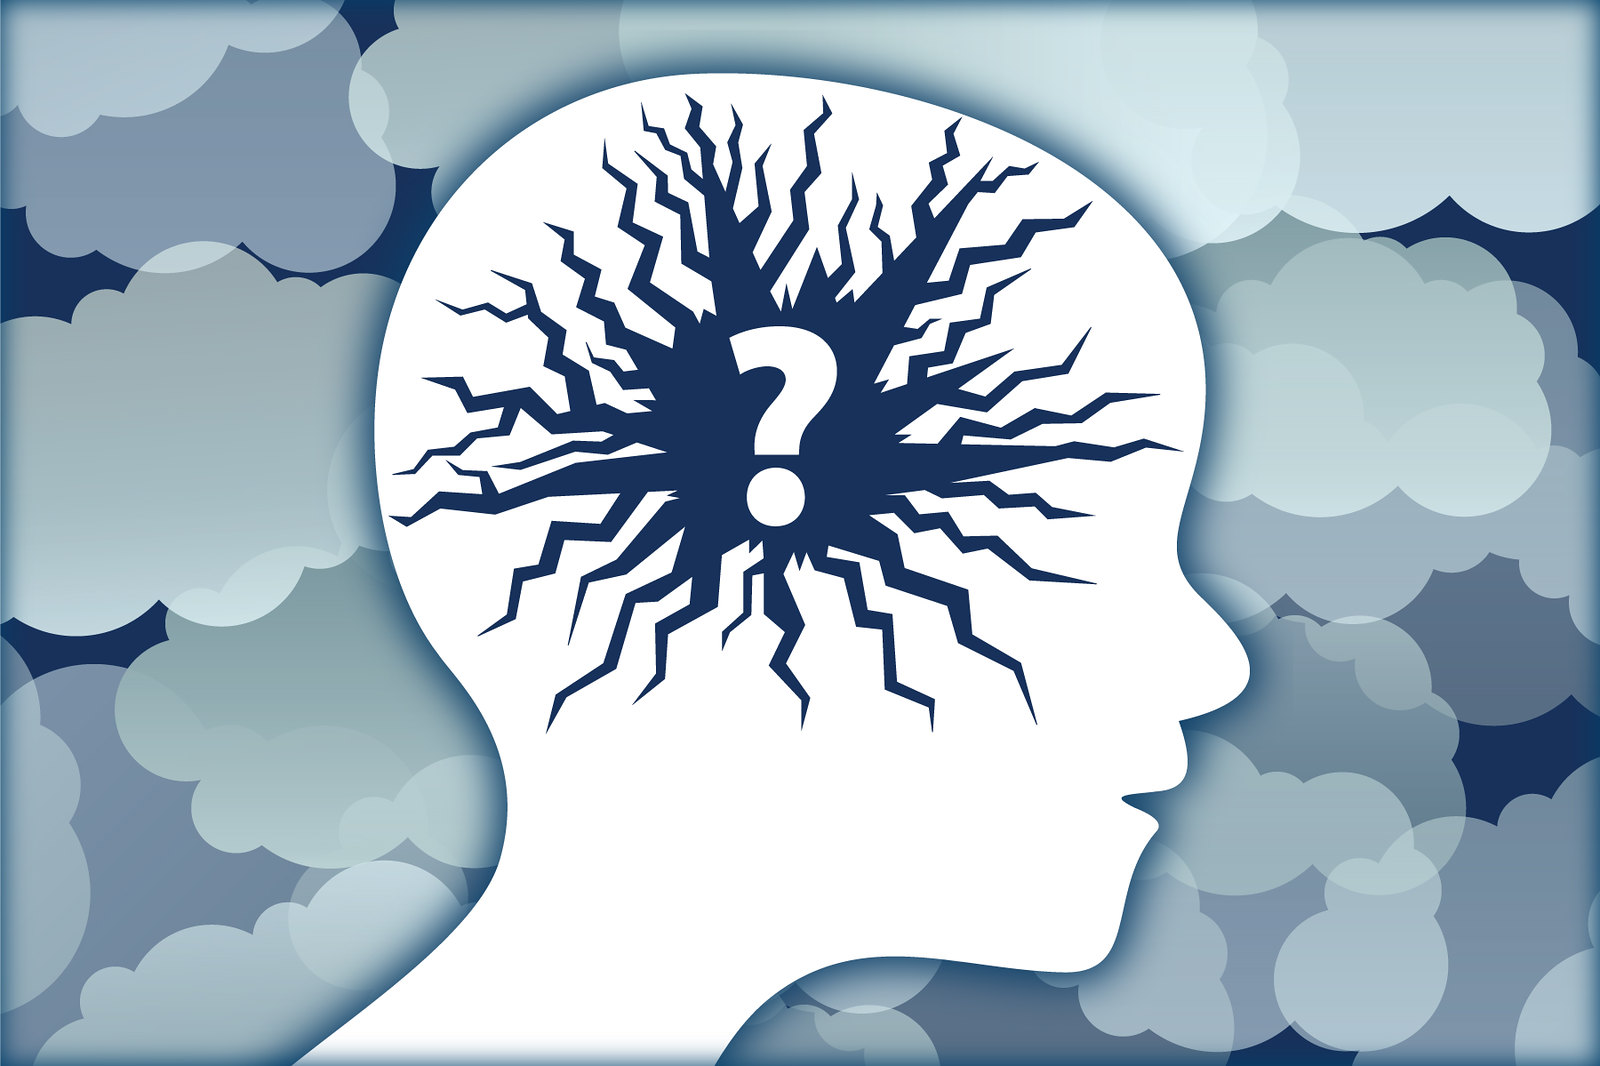 Учёные продолжают исследовать генетическую основу ментальных расстройств.